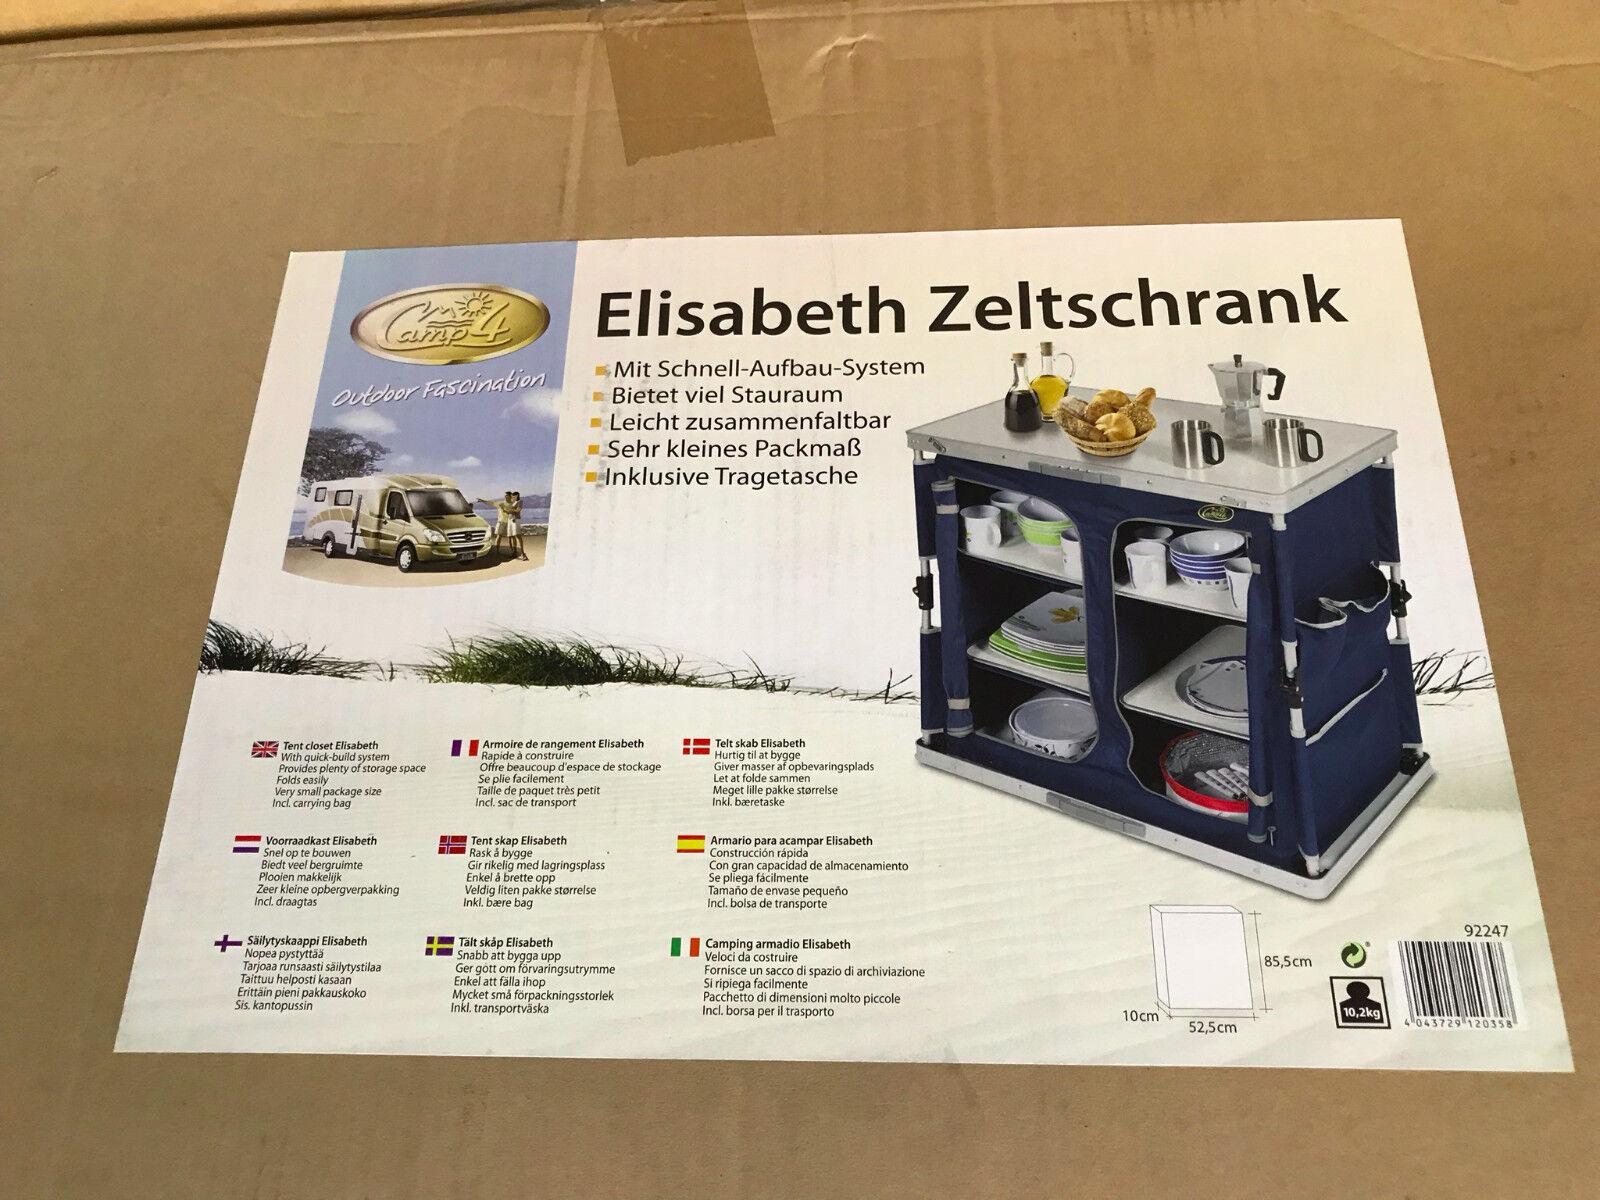 Elisabeth Zeltschrank Campingschrank Vorratsschrank 85,5x10x52,5cm